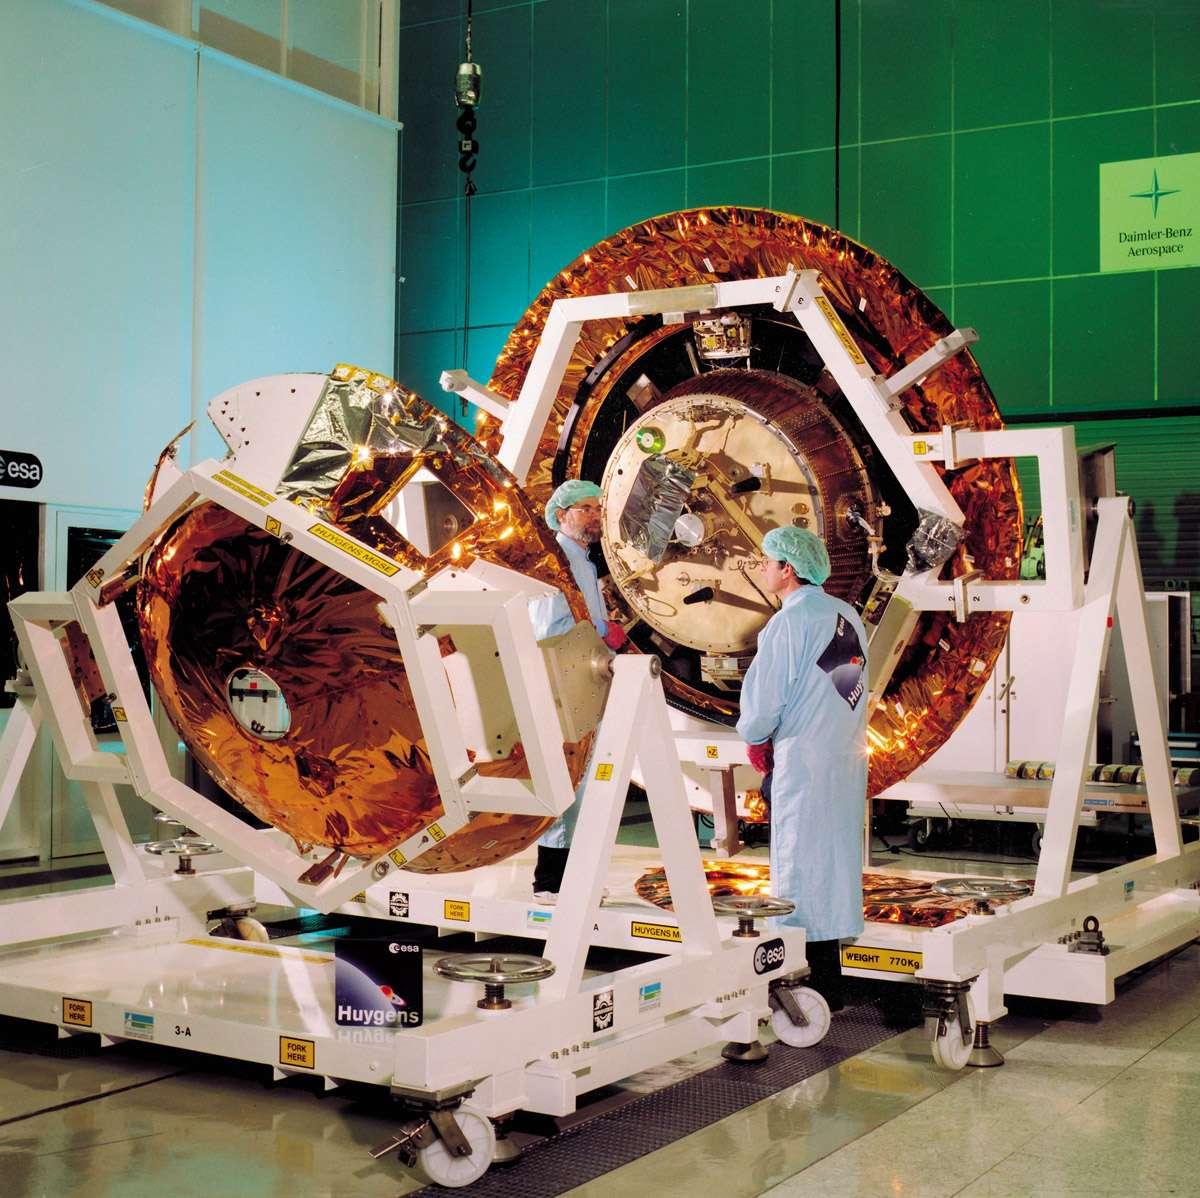 Le module de descente, c'est-à-dire la sonde Huygens, est installée à l'intérieur du bouclier thermique avant que le couvercle la recouvre. Crédit Esa